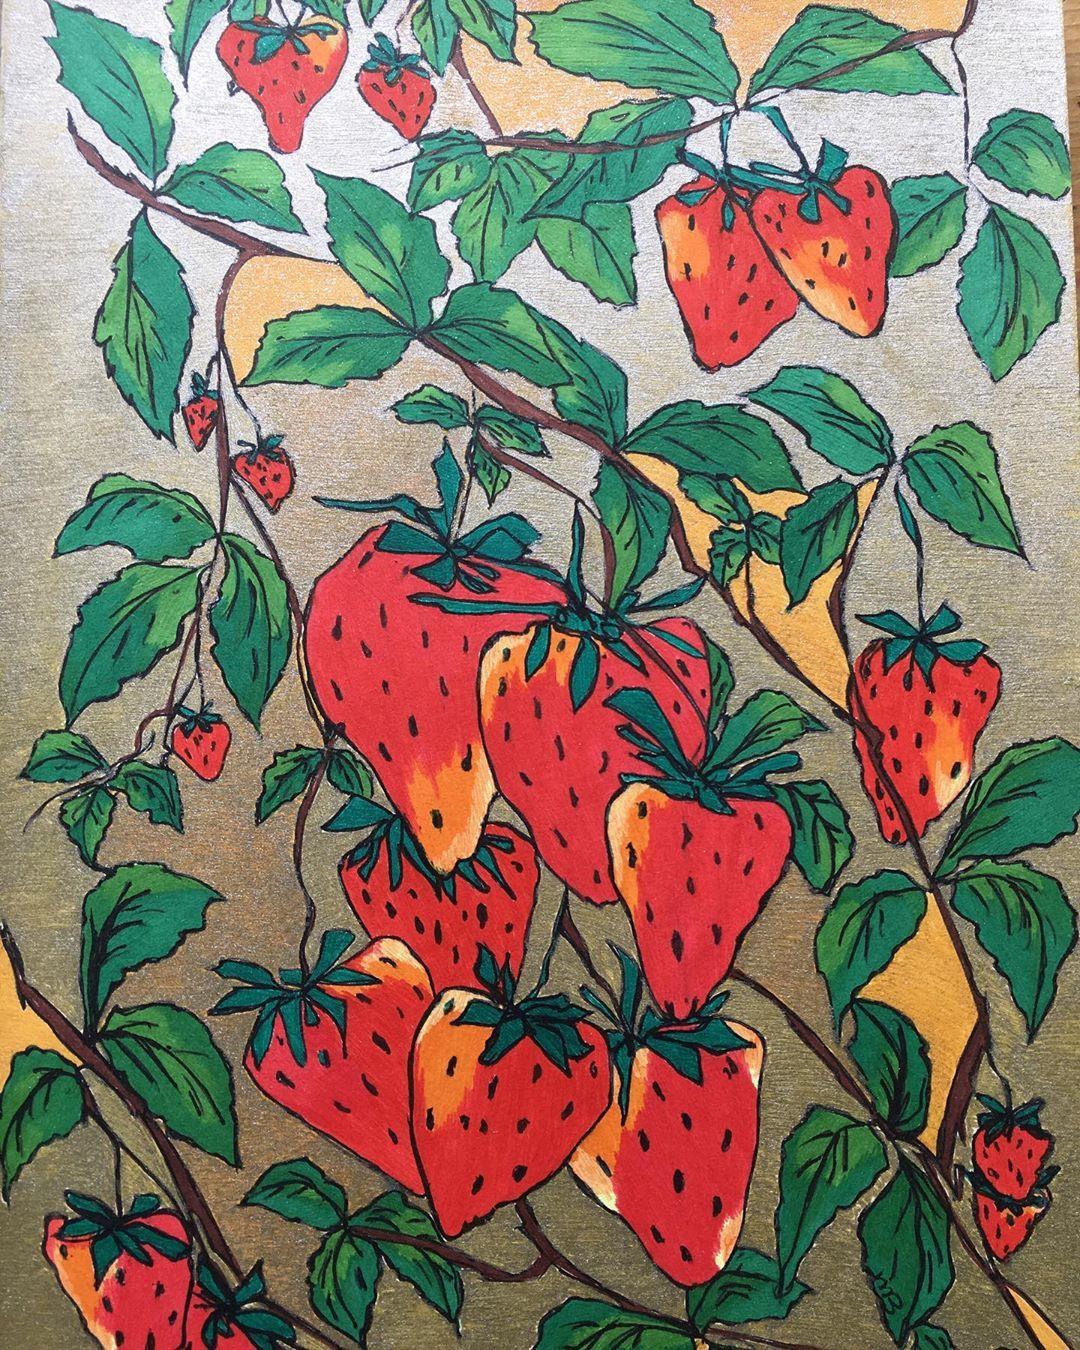 Wild Summer Strawberries Summerart Fruitartist Fruitart Gardenart Lovelystrawberry Happyfruit Resim